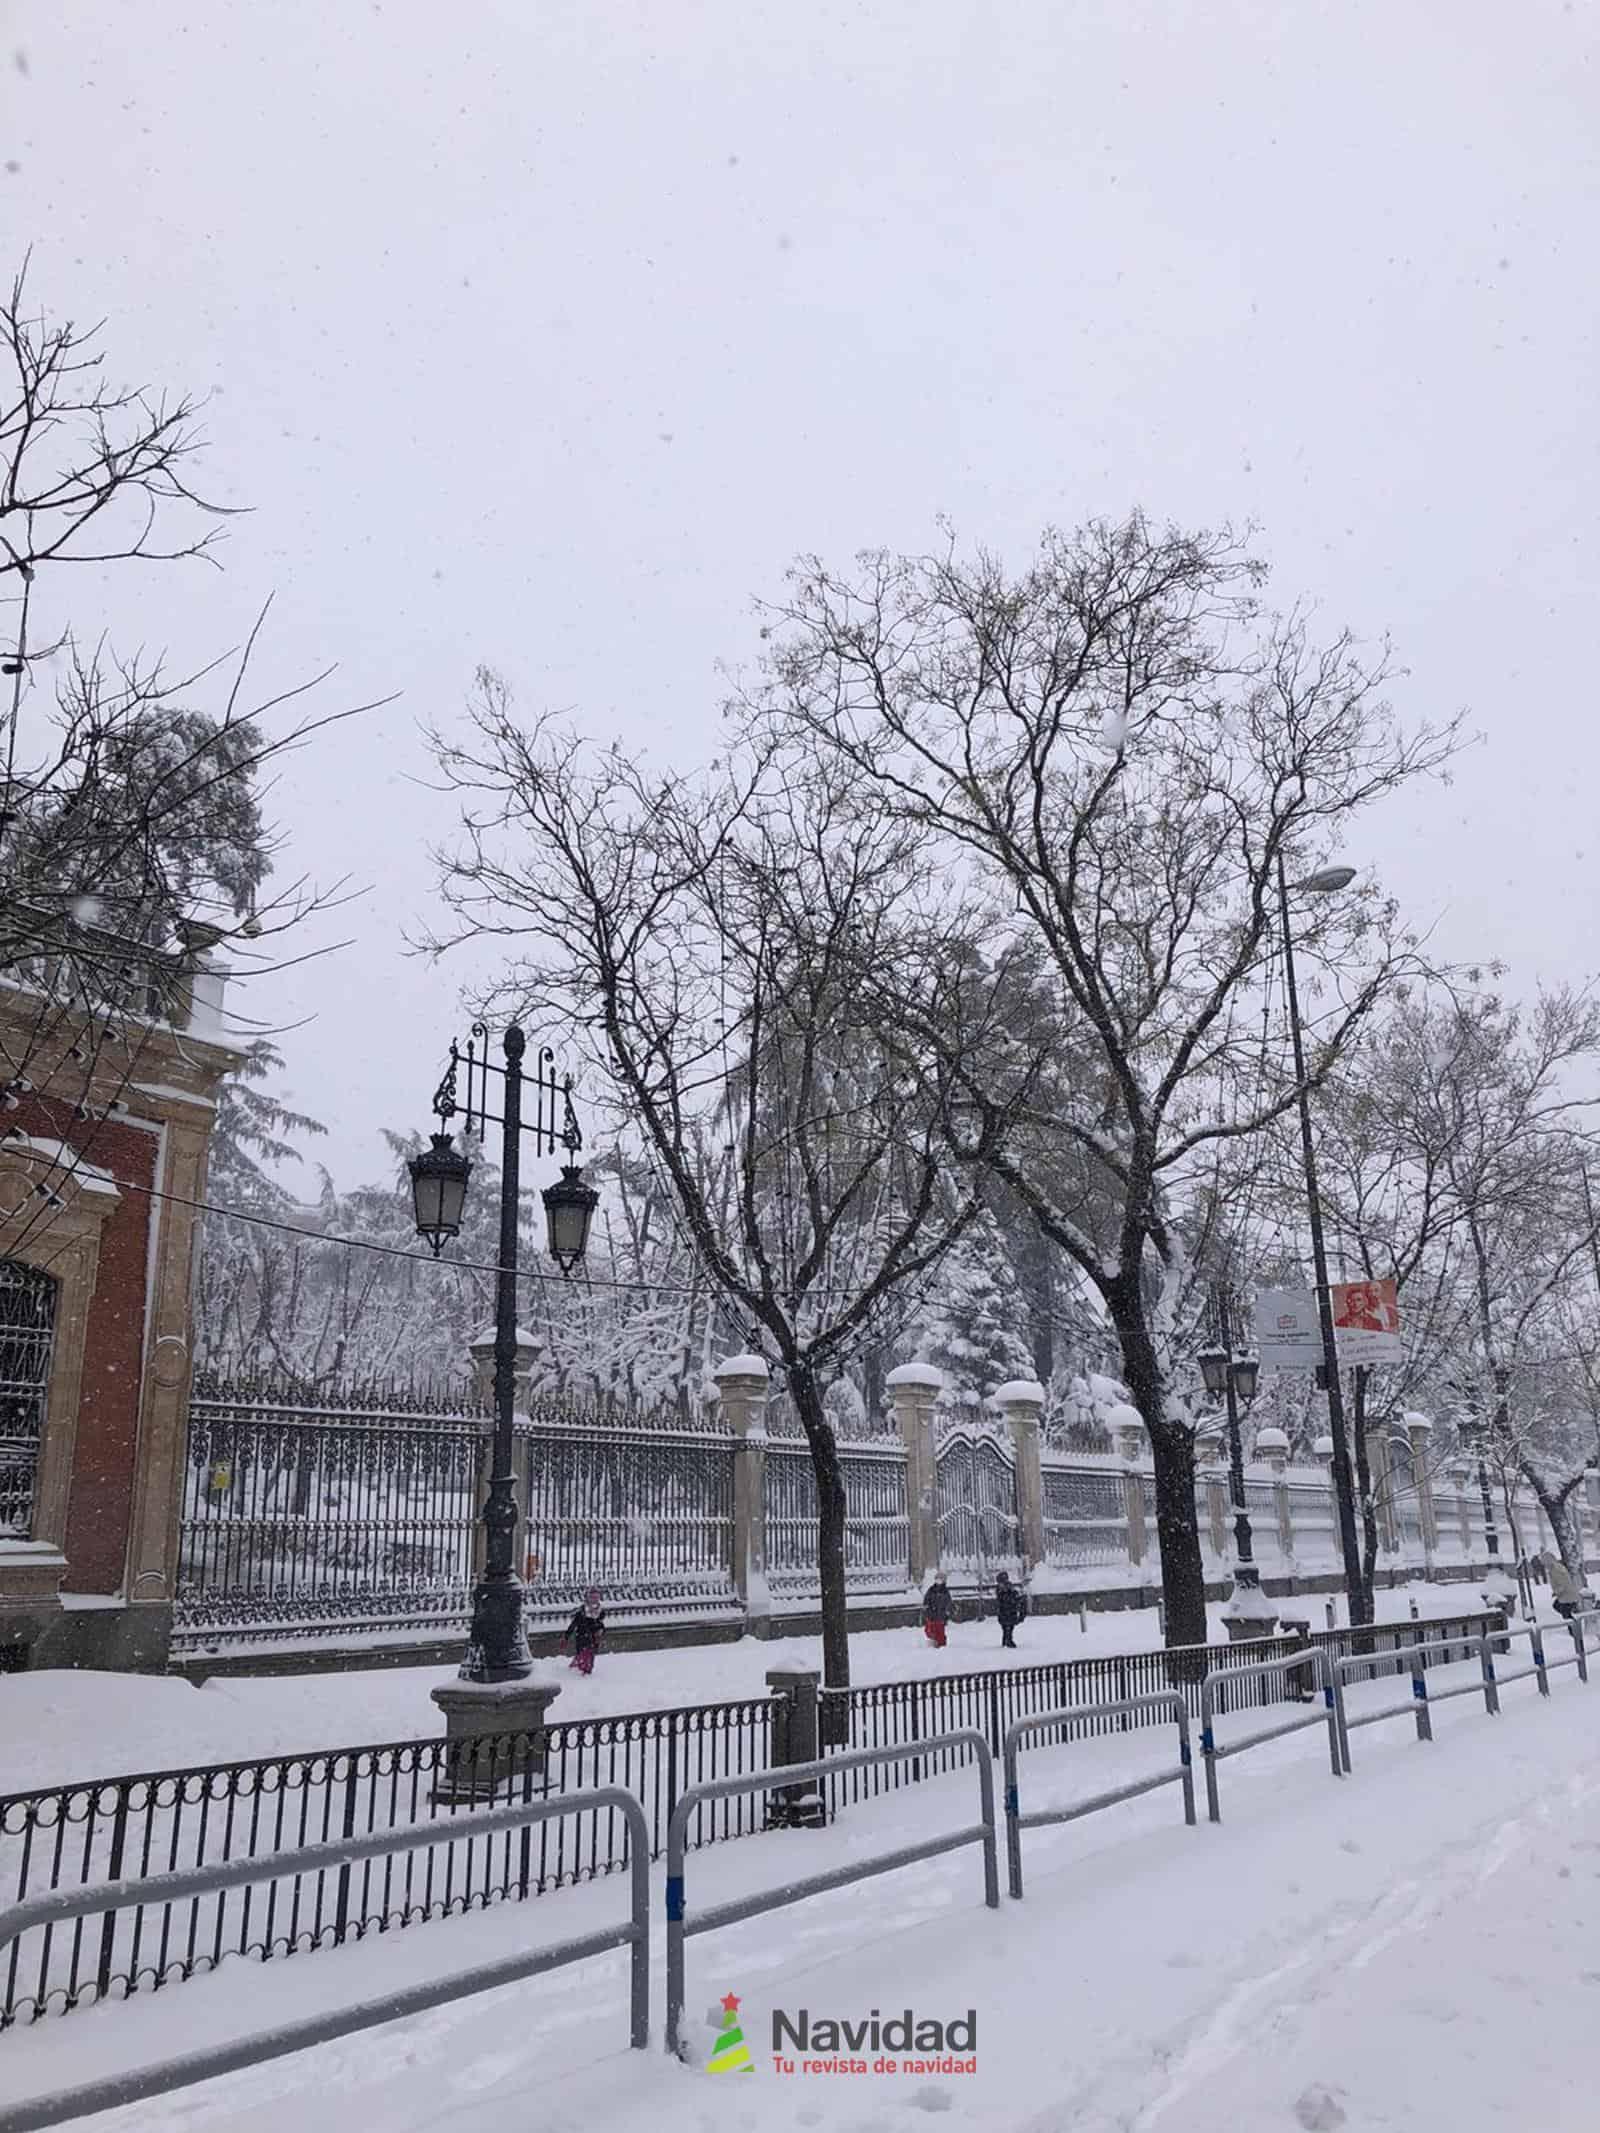 Fotografías de la nevada de enero en Madrid (España) 161